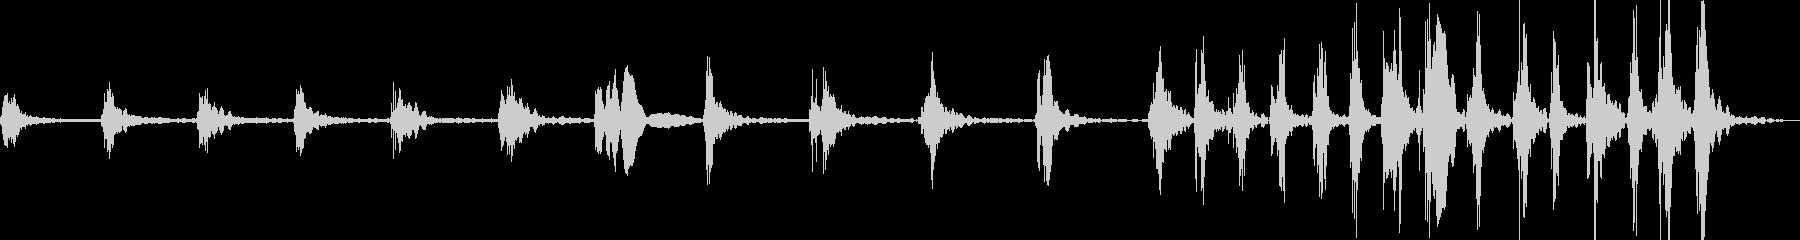 ひたひたと何かが近づく足音の未再生の波形